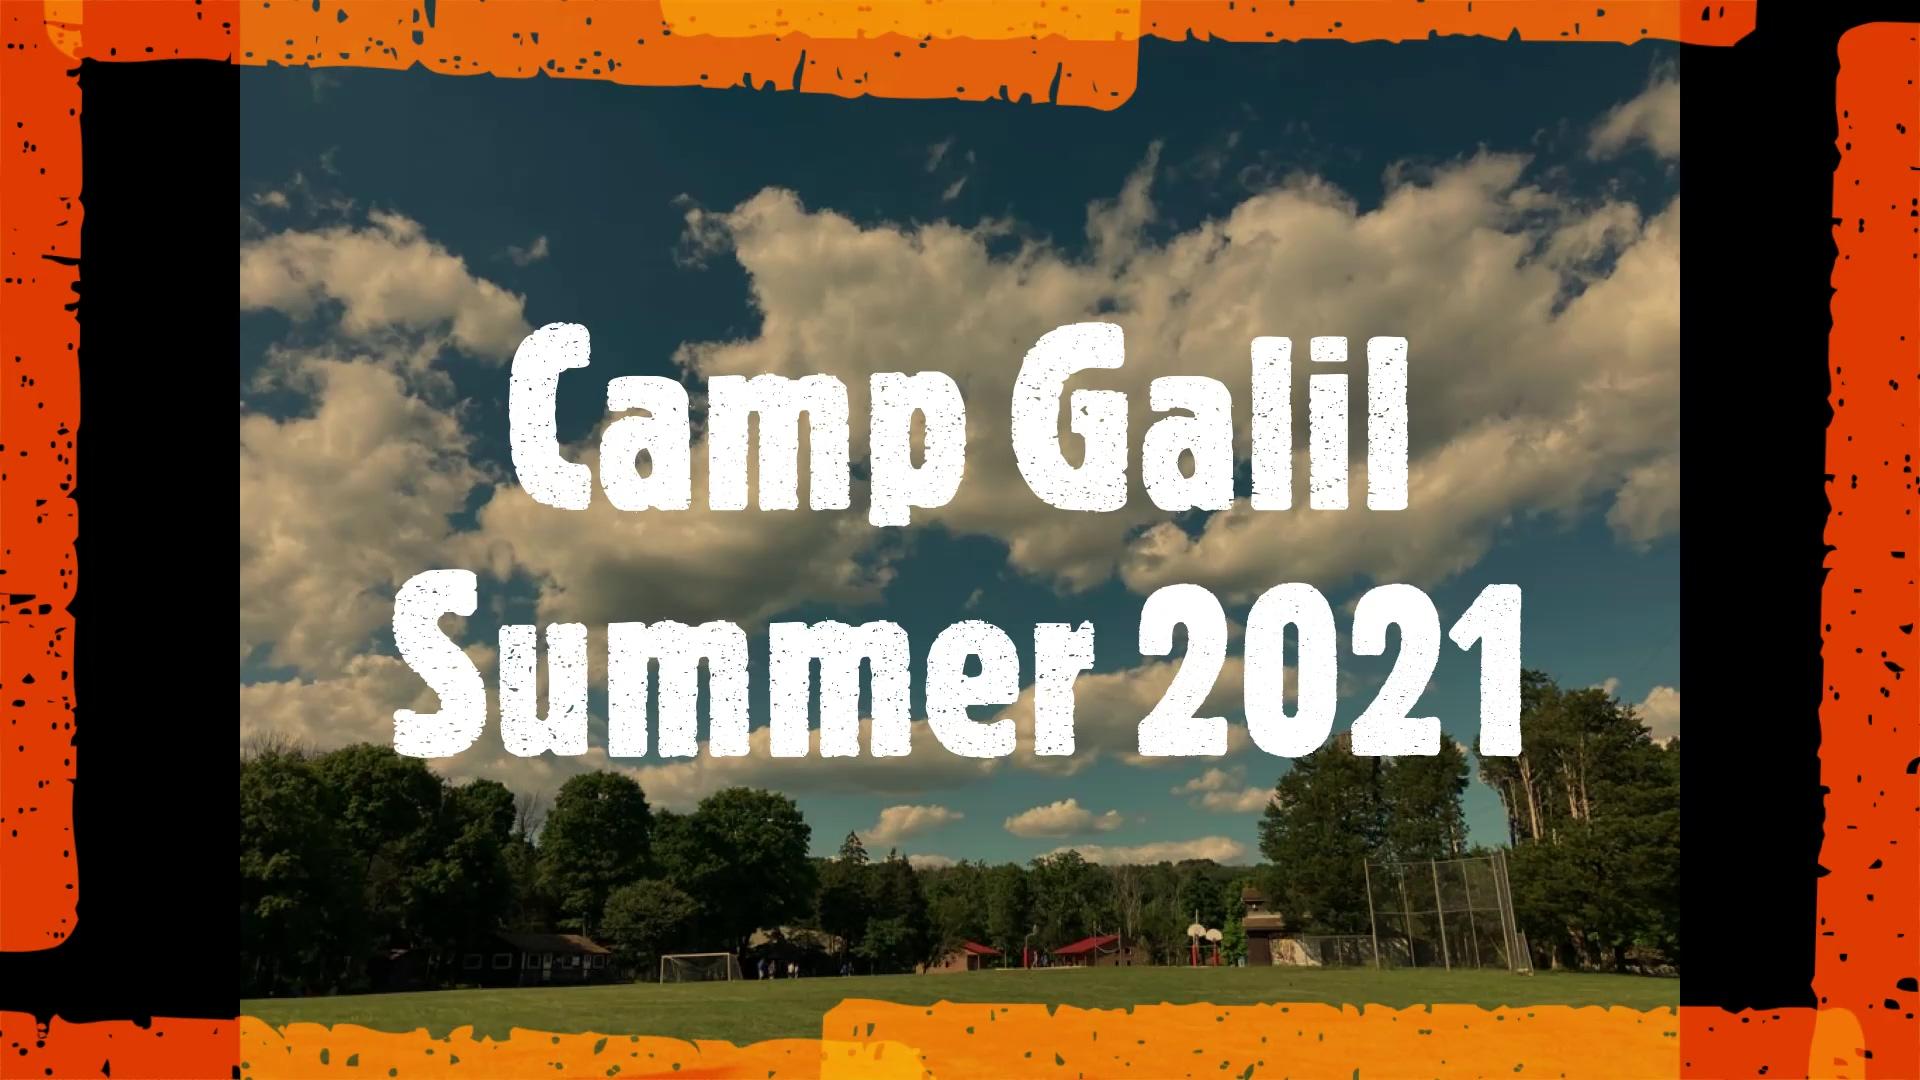 Galil summer 2021